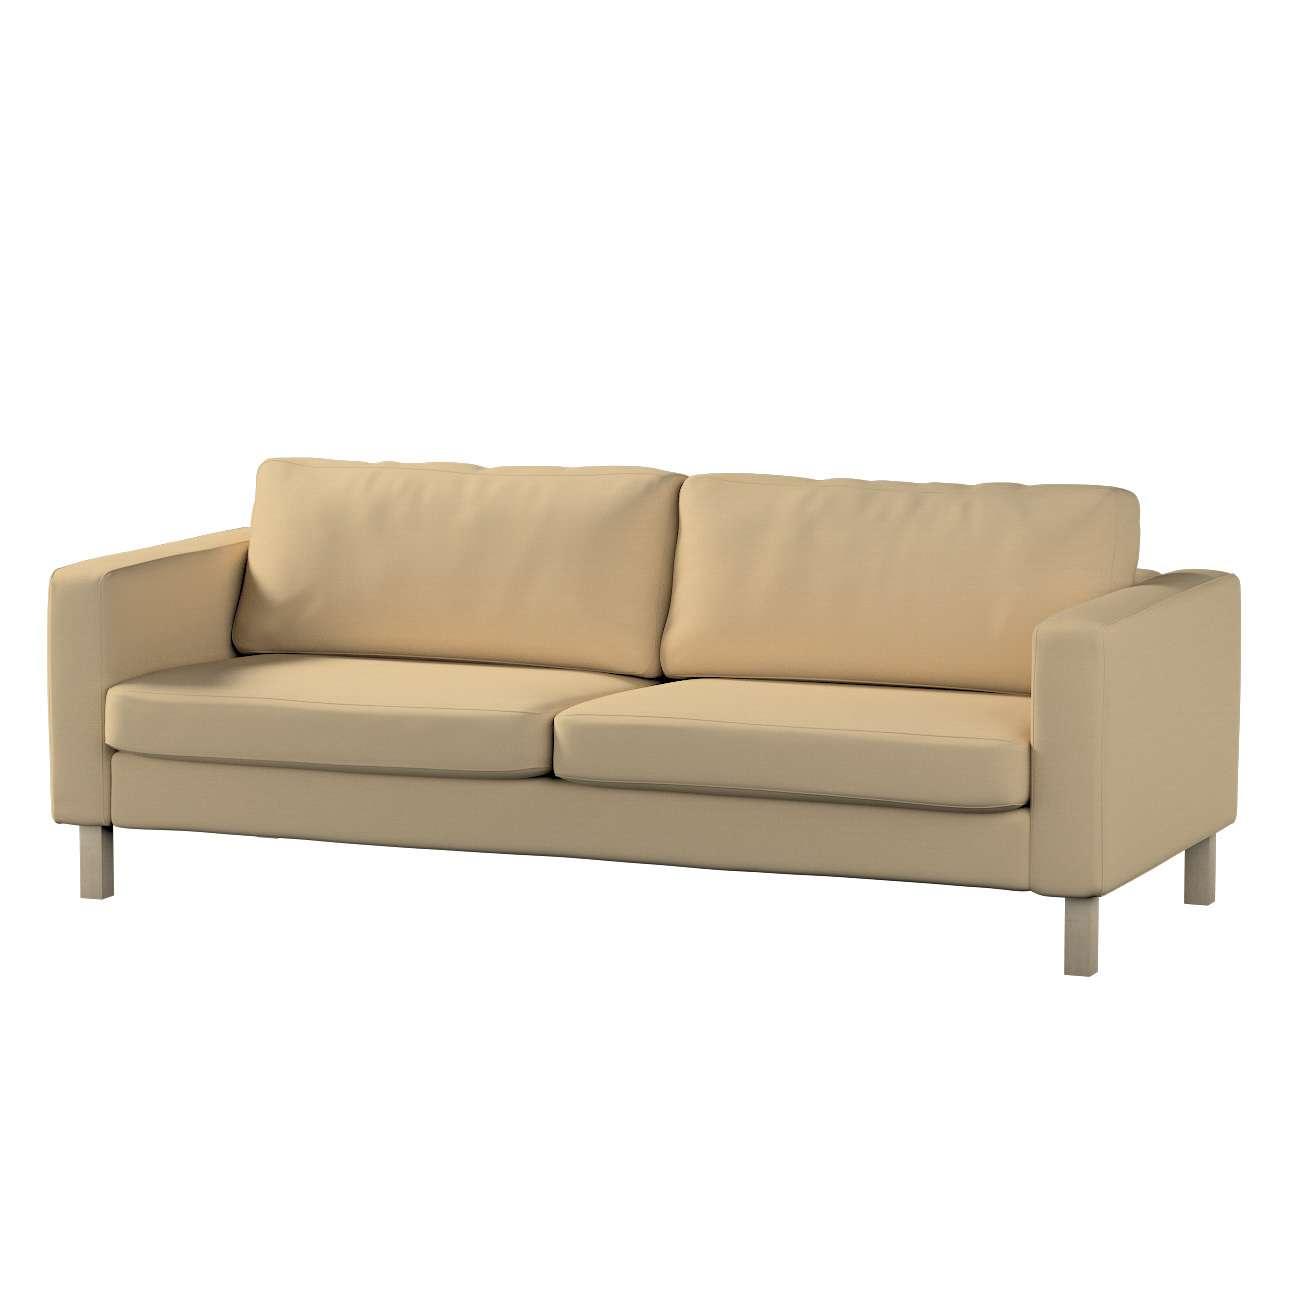 Pokrowiec na sofę Karlstad rozkładaną, krótki Sofa Karlstad 3-os rozkładana w kolekcji Cotton Panama, tkanina: 702-01